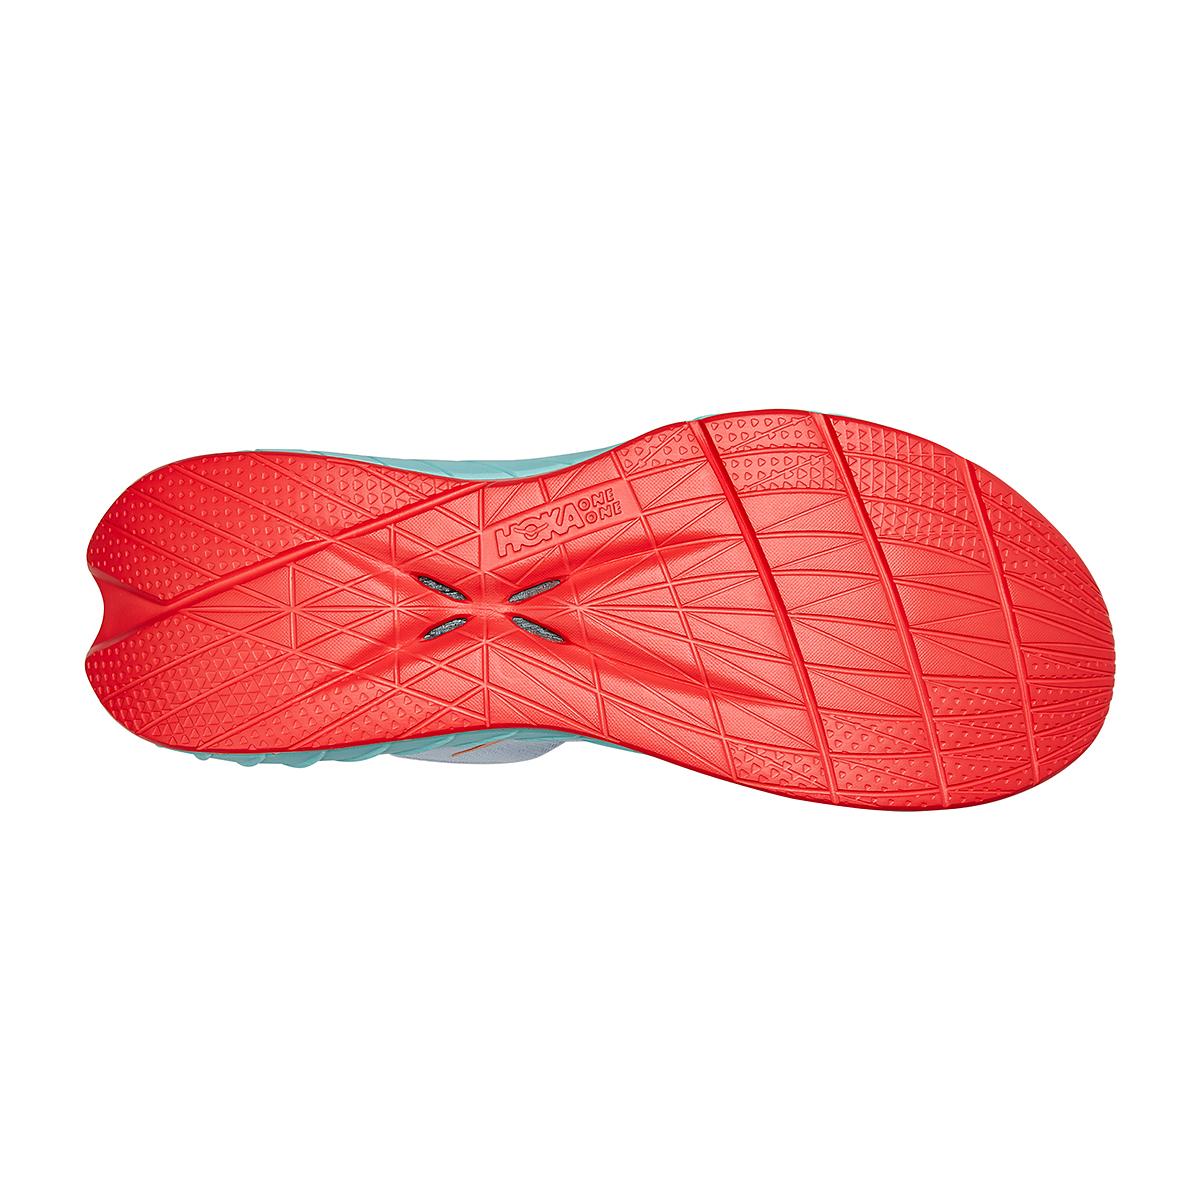 Men's Hoka One One Carbon X 2 Running Shoe - Color: White/Blazing Orange - Size: 7 - Width: Regular, White/Blazing Orange, large, image 6